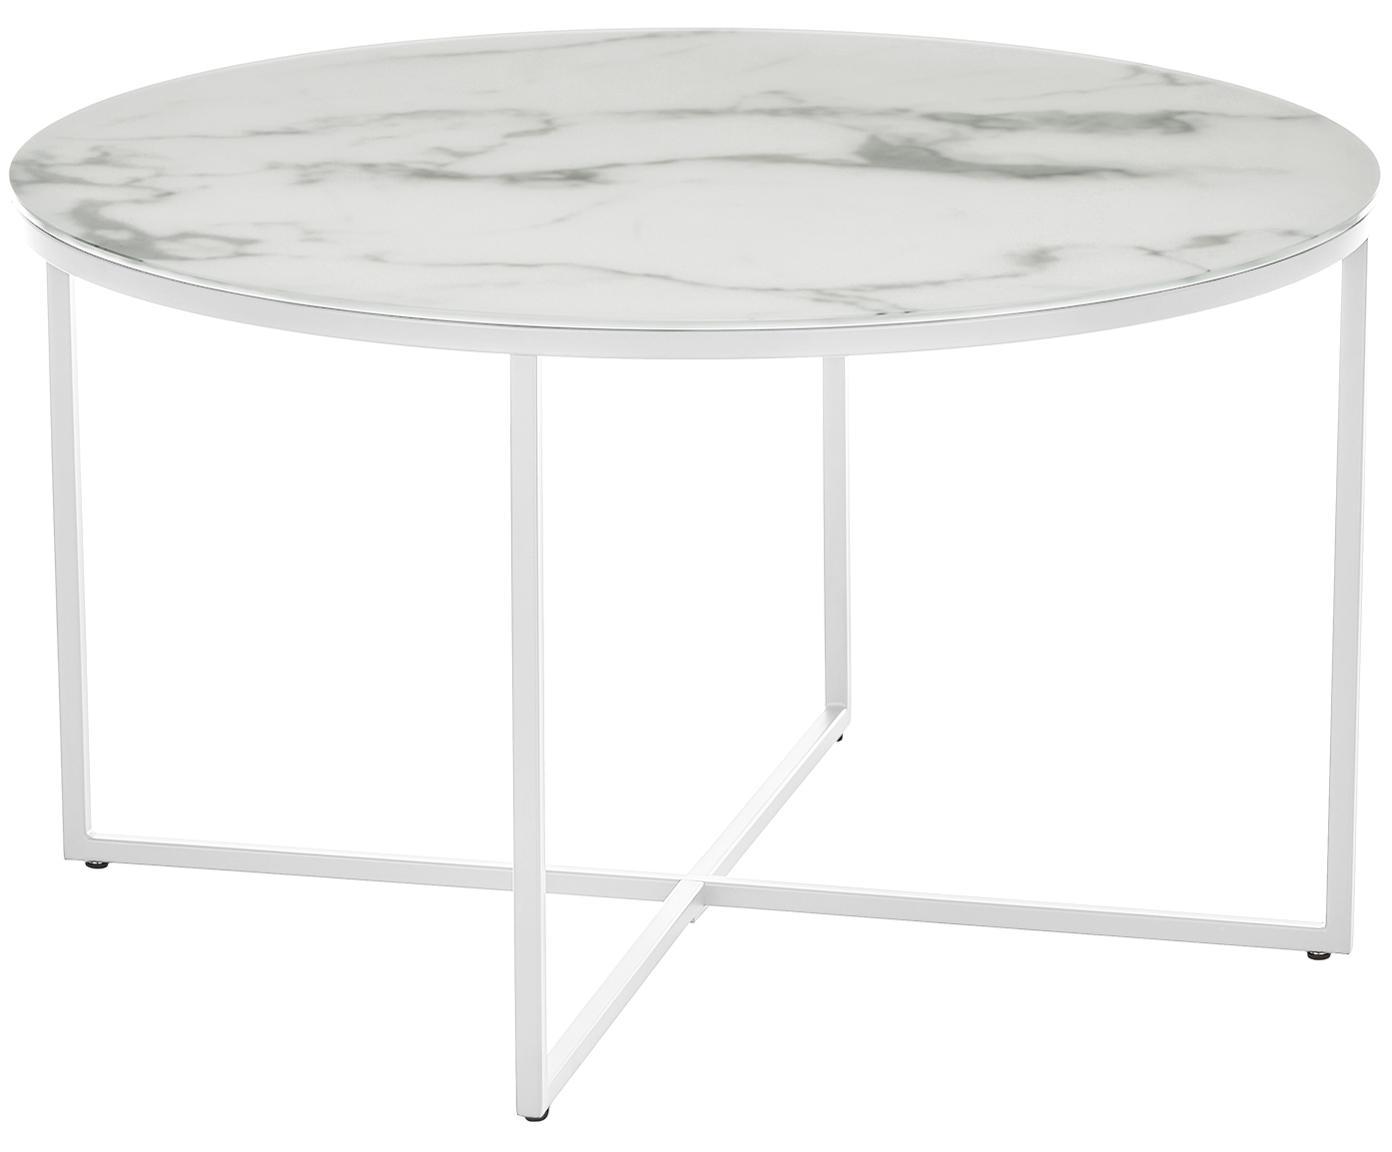 Couchtisch Antigua mit marmorierter Glasplatte, Tischplatte: Glas, matt bedruckt, Gestell: Stahl, pulverbeschichtet, Weiss-grau marmoriert, Weiss, Ø 80 x H 45 cm